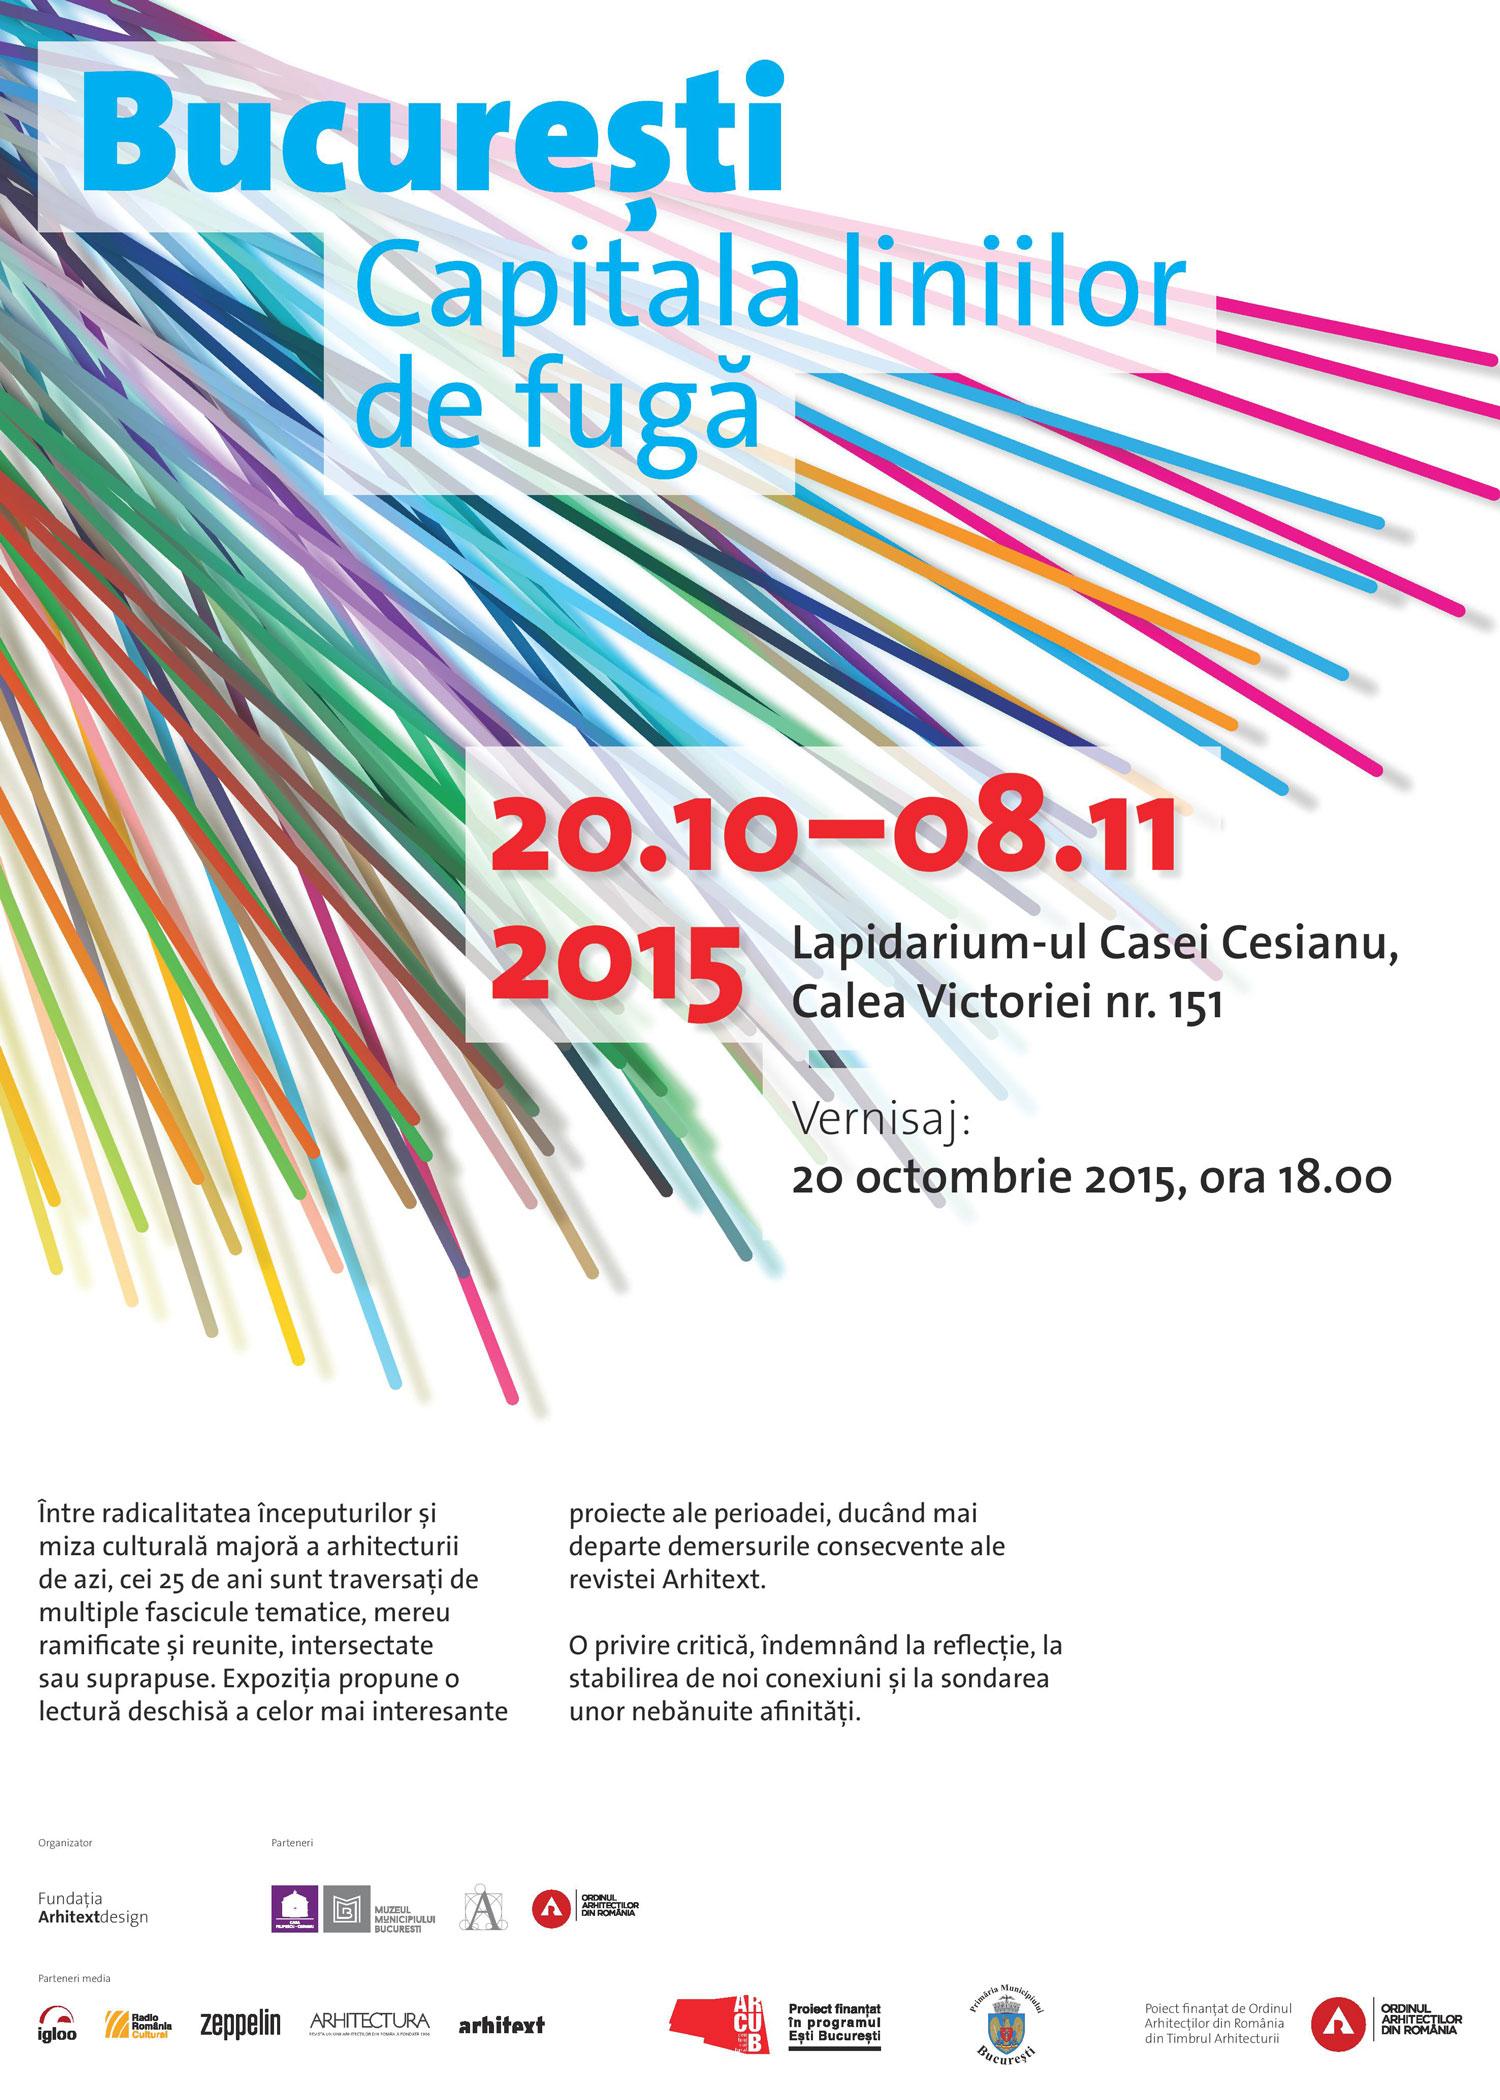 Expozitie-Bucuresti-capitala-liniilor-de-fuga